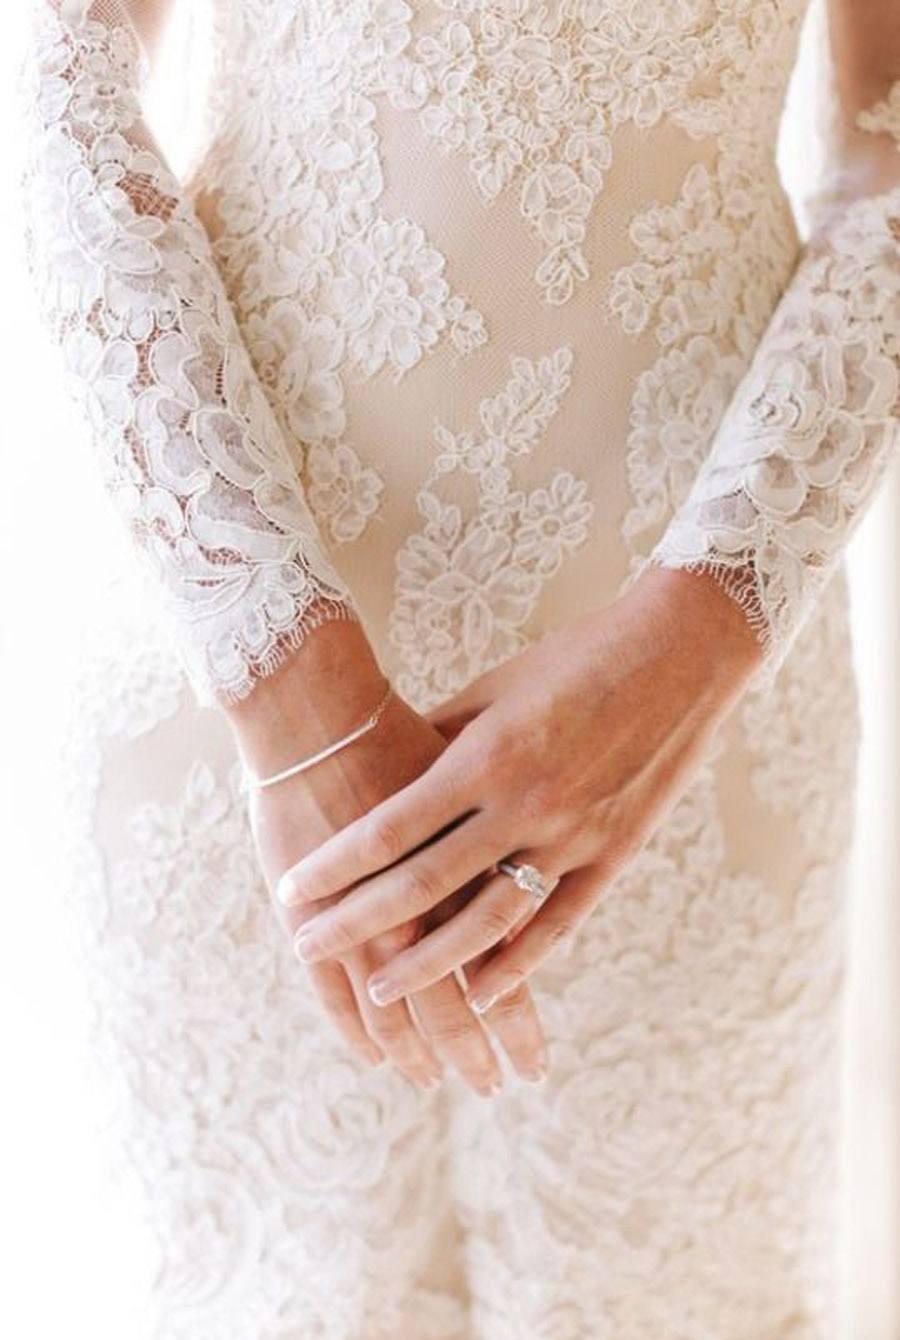 MANICURA PARA NOVIAS manicura-para-novias